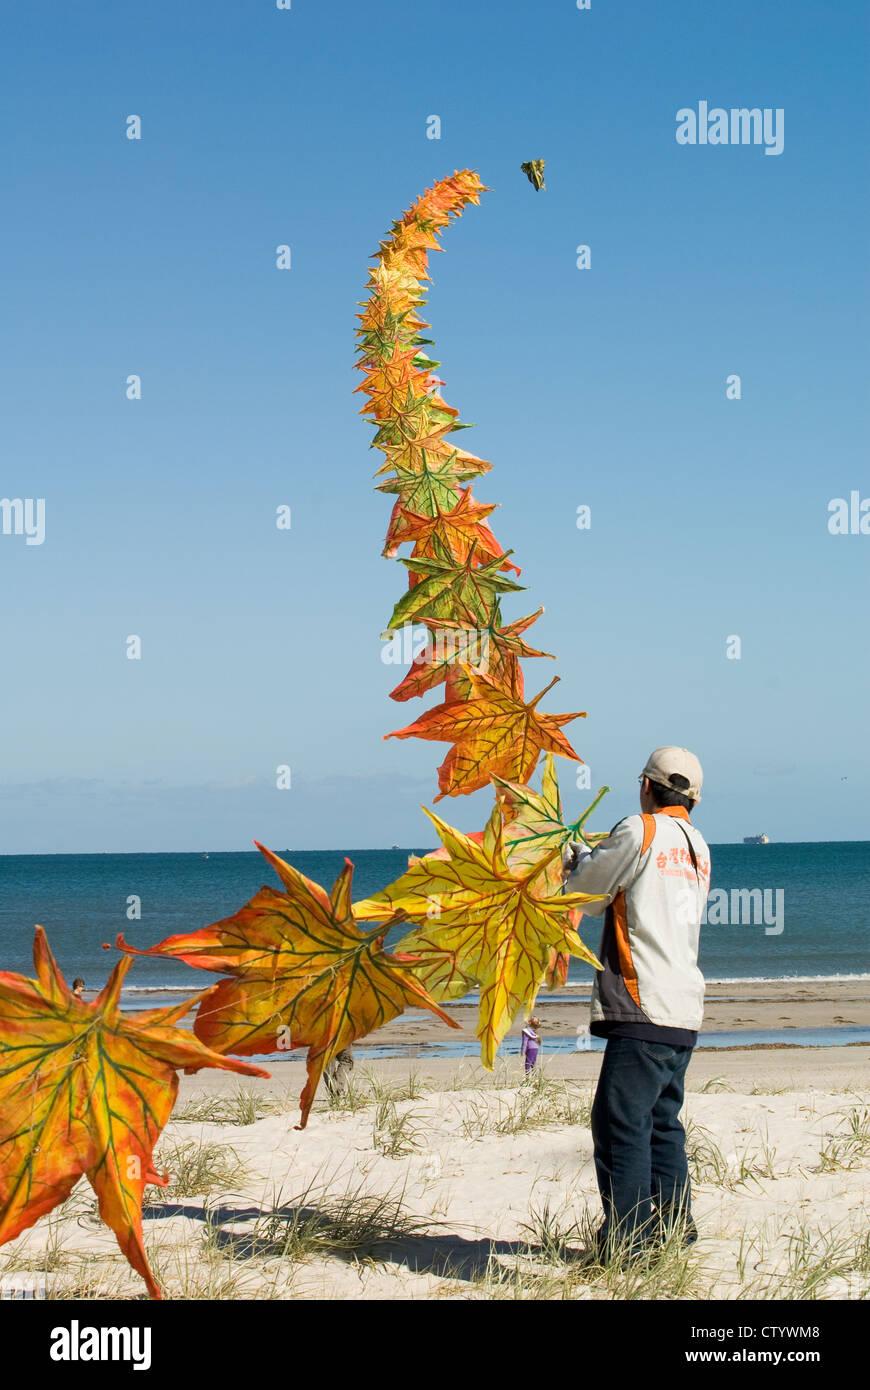 Adelaide Kite Festival findet jährlich, Semaphor Beach, South Australia. Stockbild